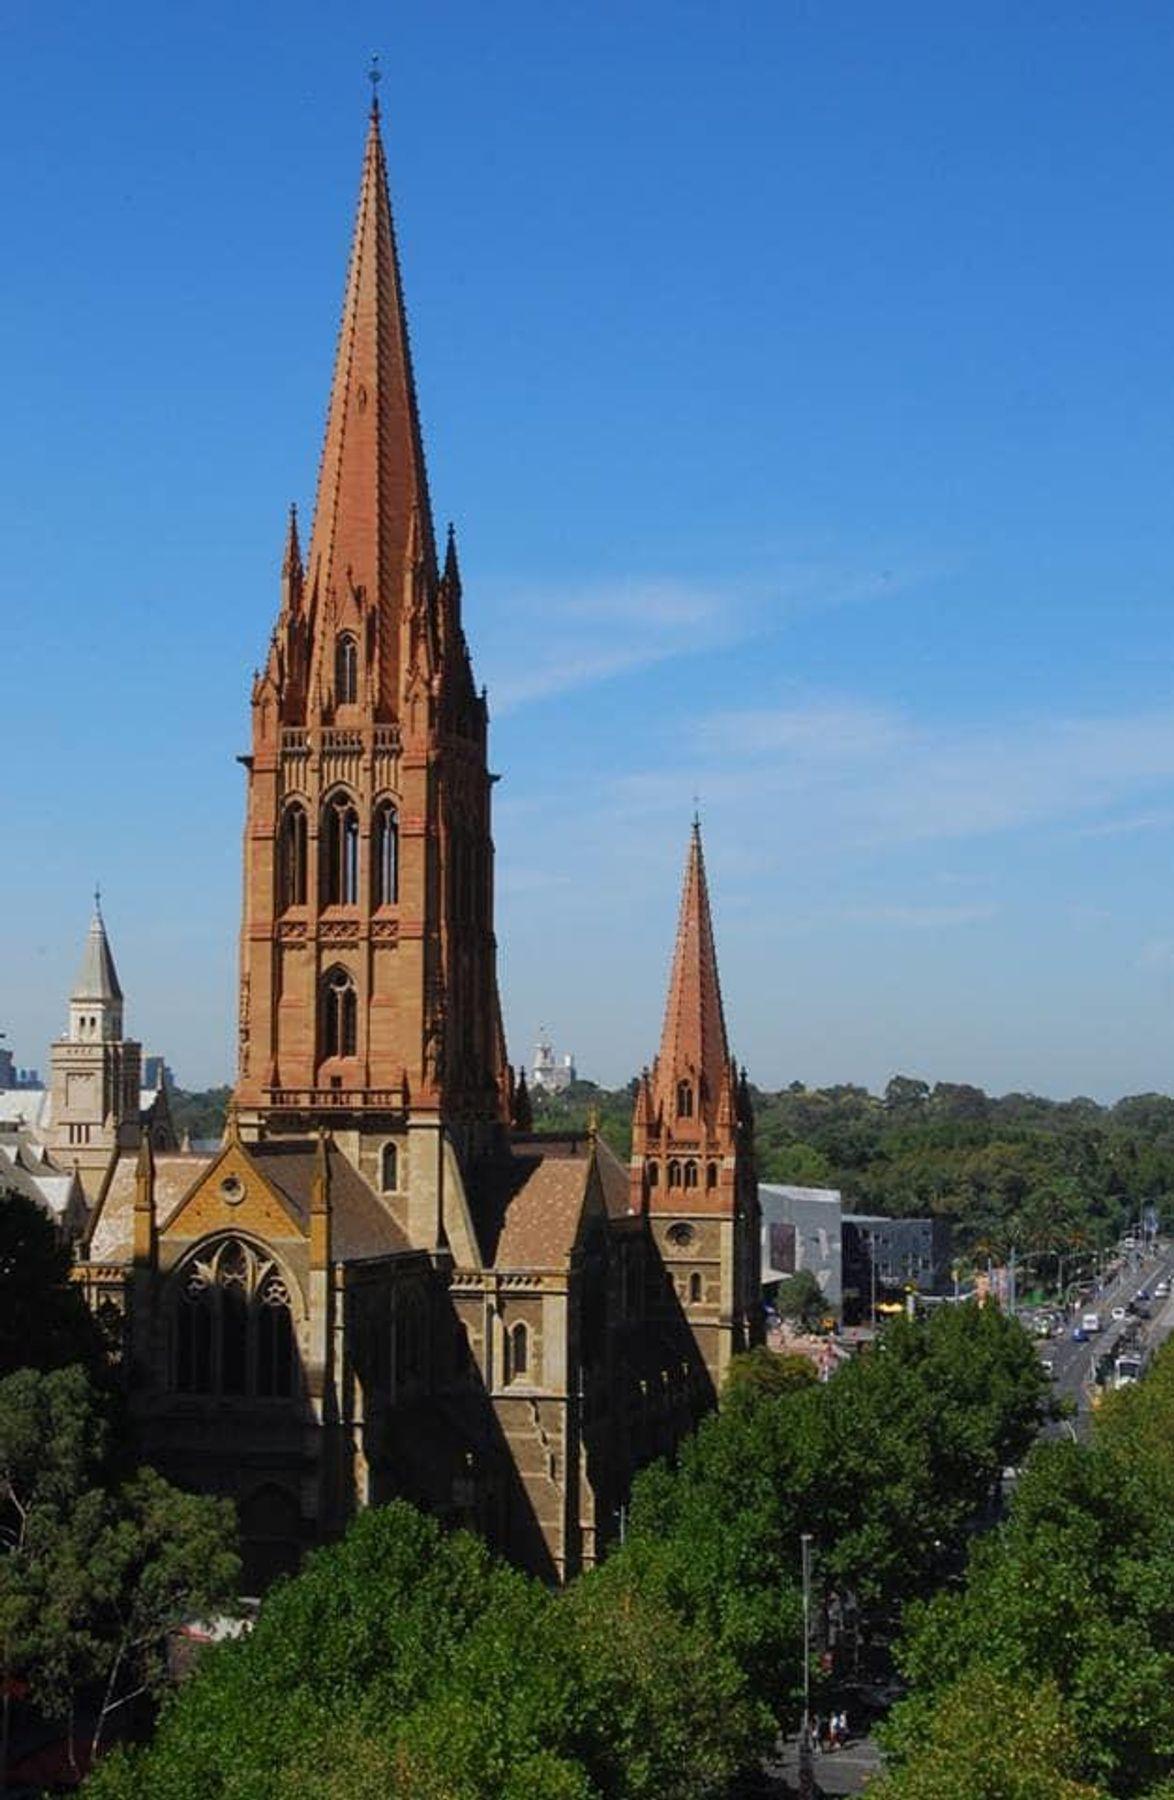 哥德式教堂建築,精緻典雅。(圖片取自澳洲聖保羅教堂官方FB粉絲團)